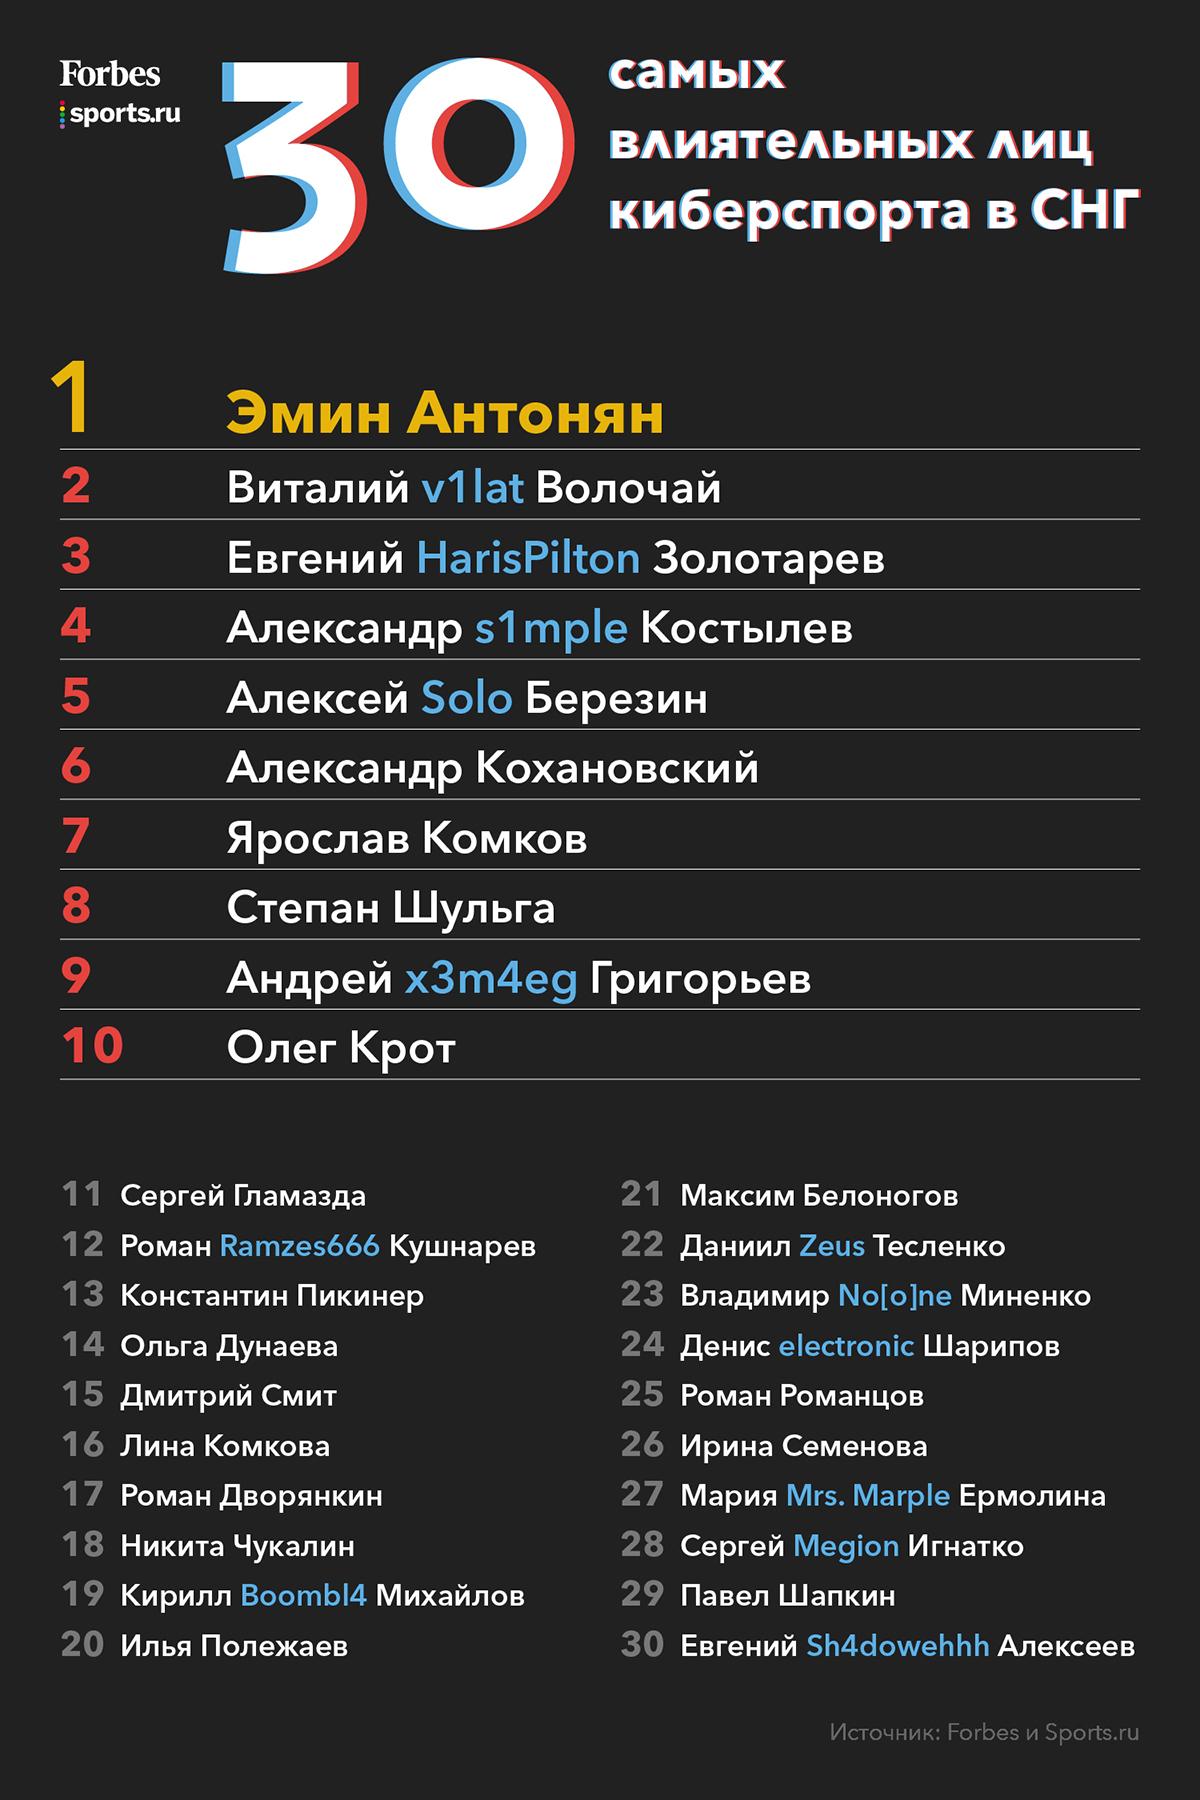 генерал фсб михайлов